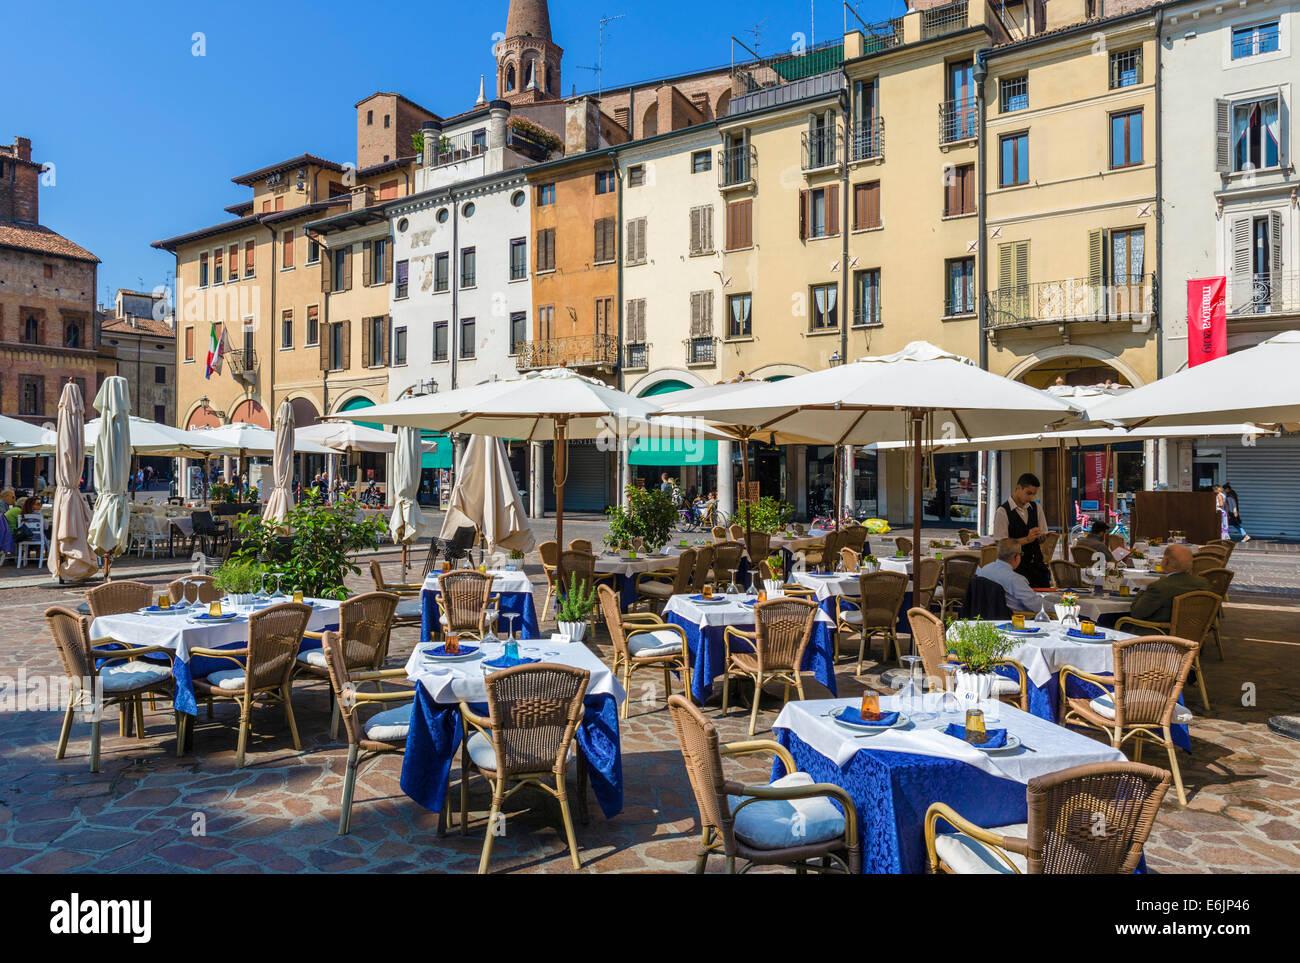 Restaurant in Piazza Delle Erbe im Zentrum der historischen Stadt von Mantua, Lombardei, Italien Stockbild